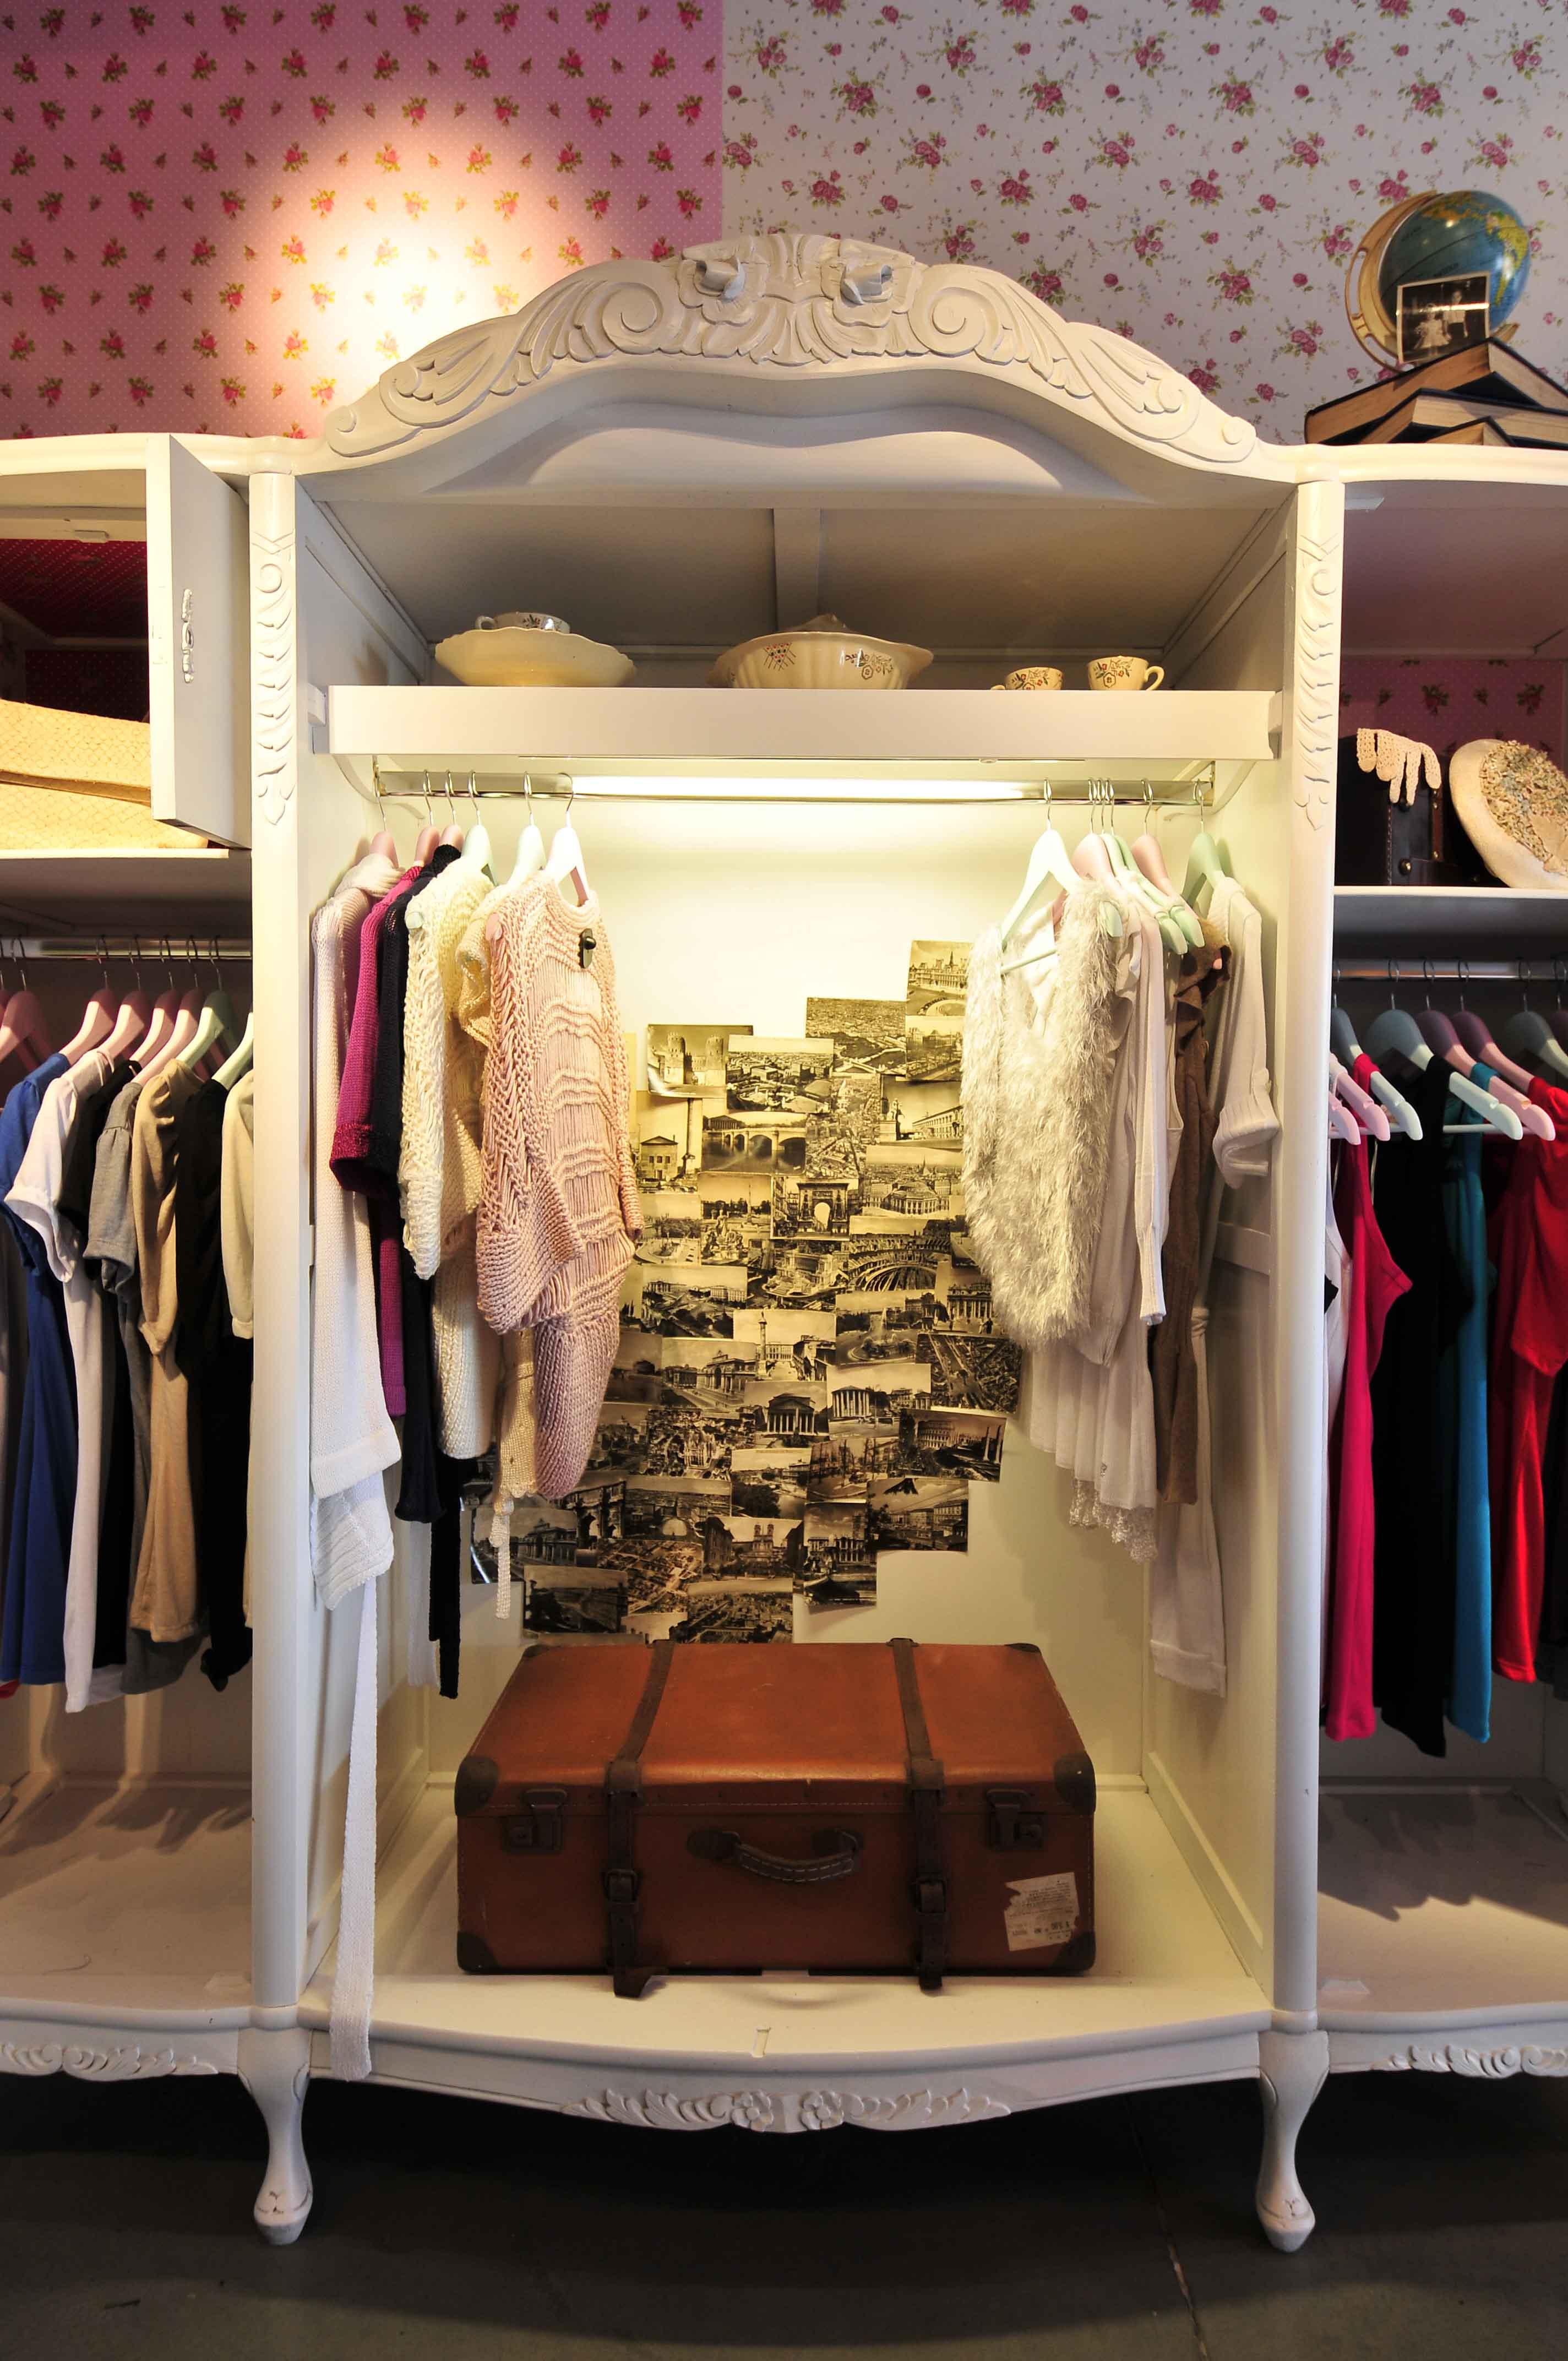 Estilo vintage  10 increbles ideas para renovar tu habitacin y darle un estilo vintage